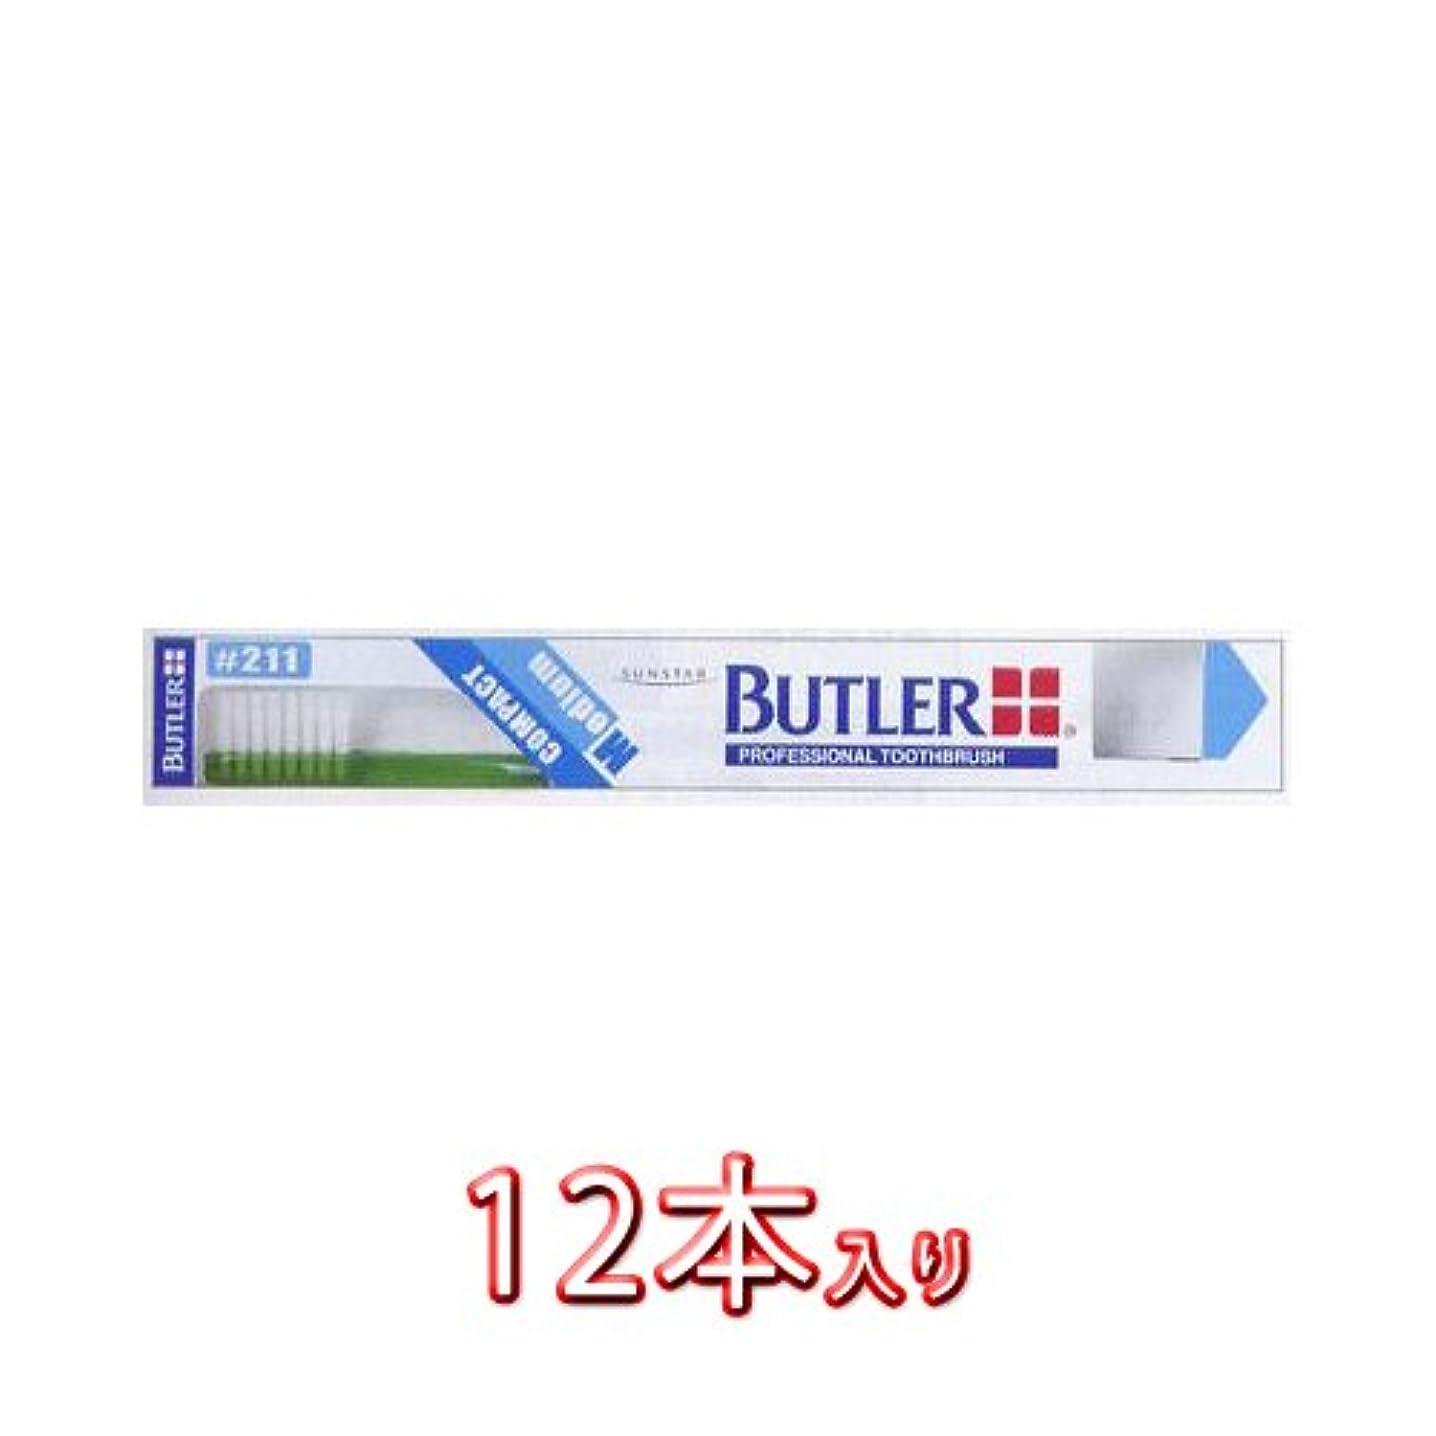 実行可能バー部バトラー 歯ブラシ #211 12本入